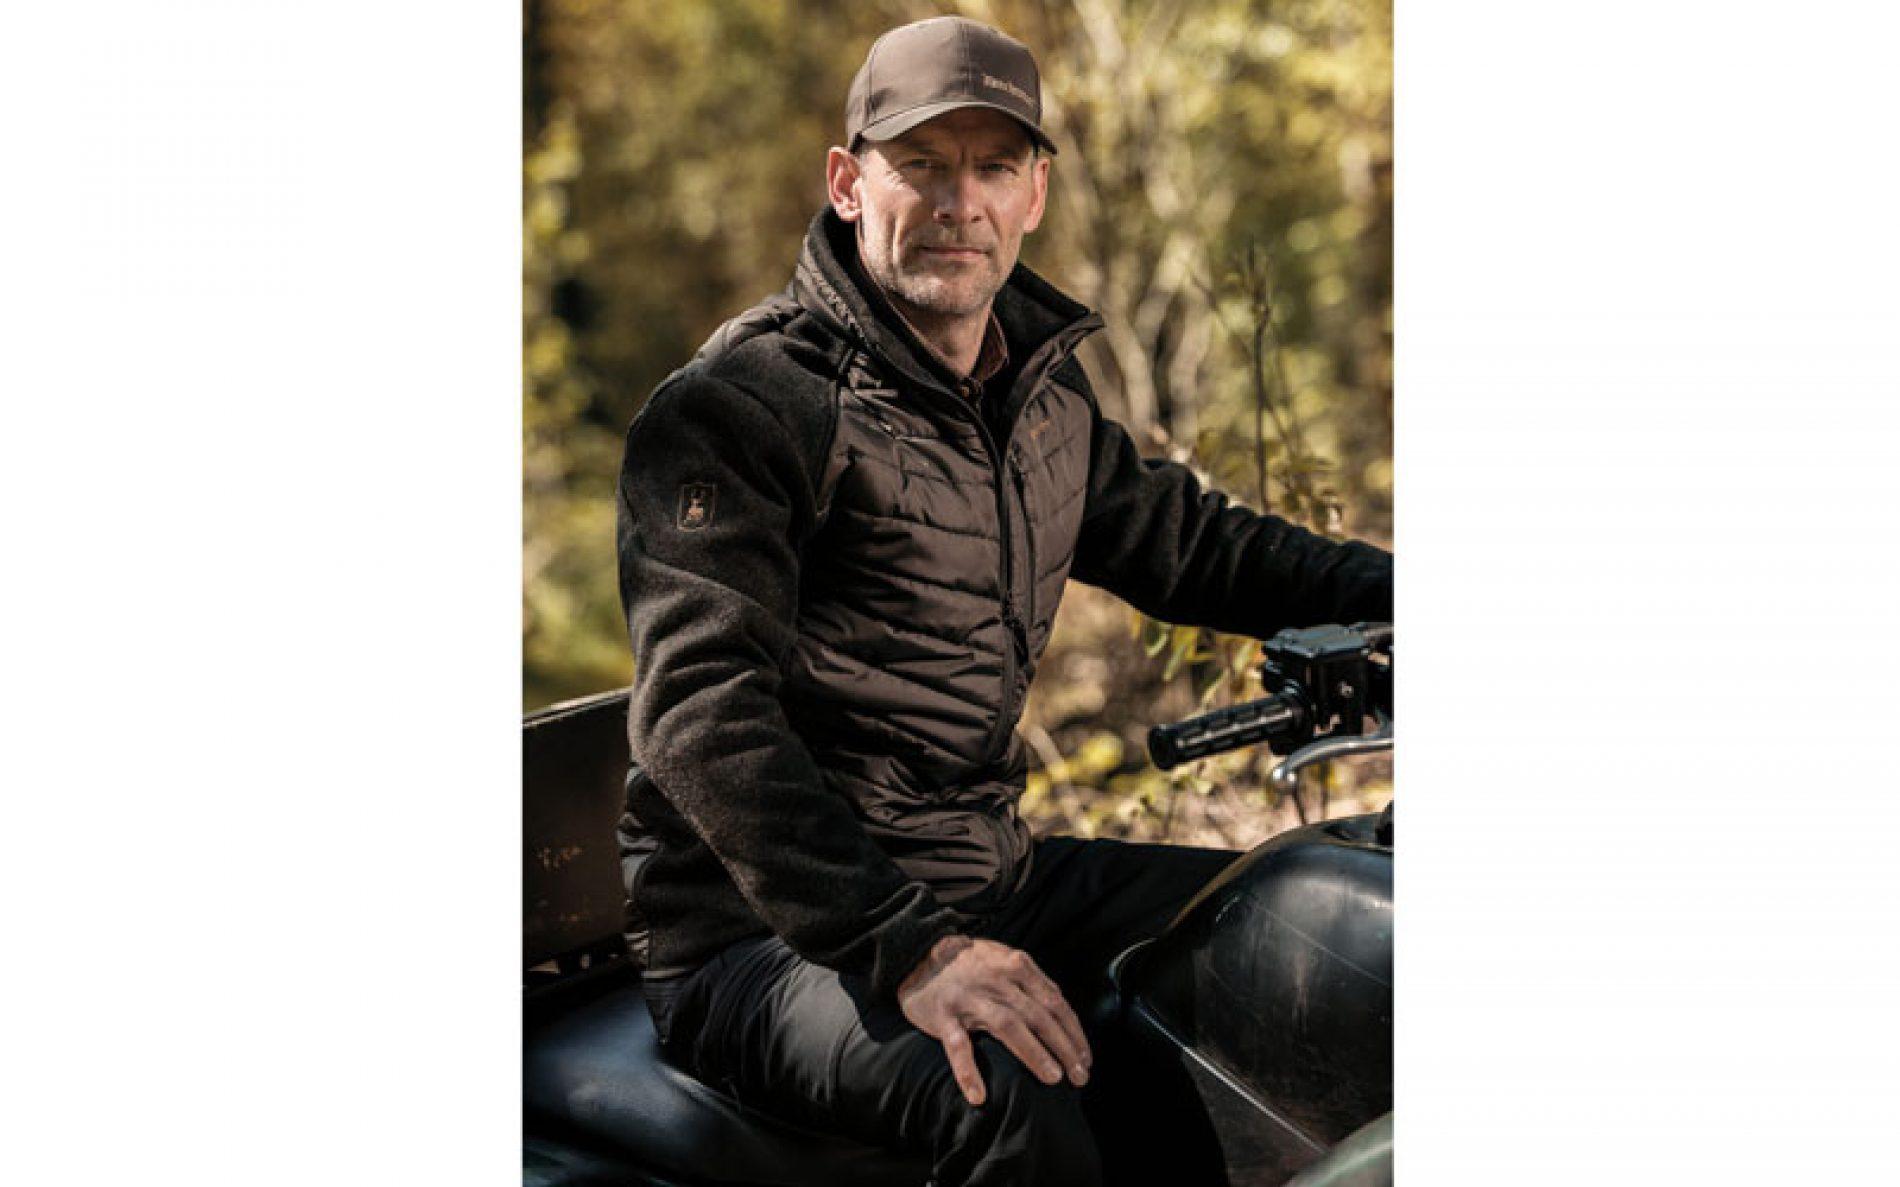 Chaqueta Moor de Deerhunter: calidad, aislamiento y comodidad, todo en uno